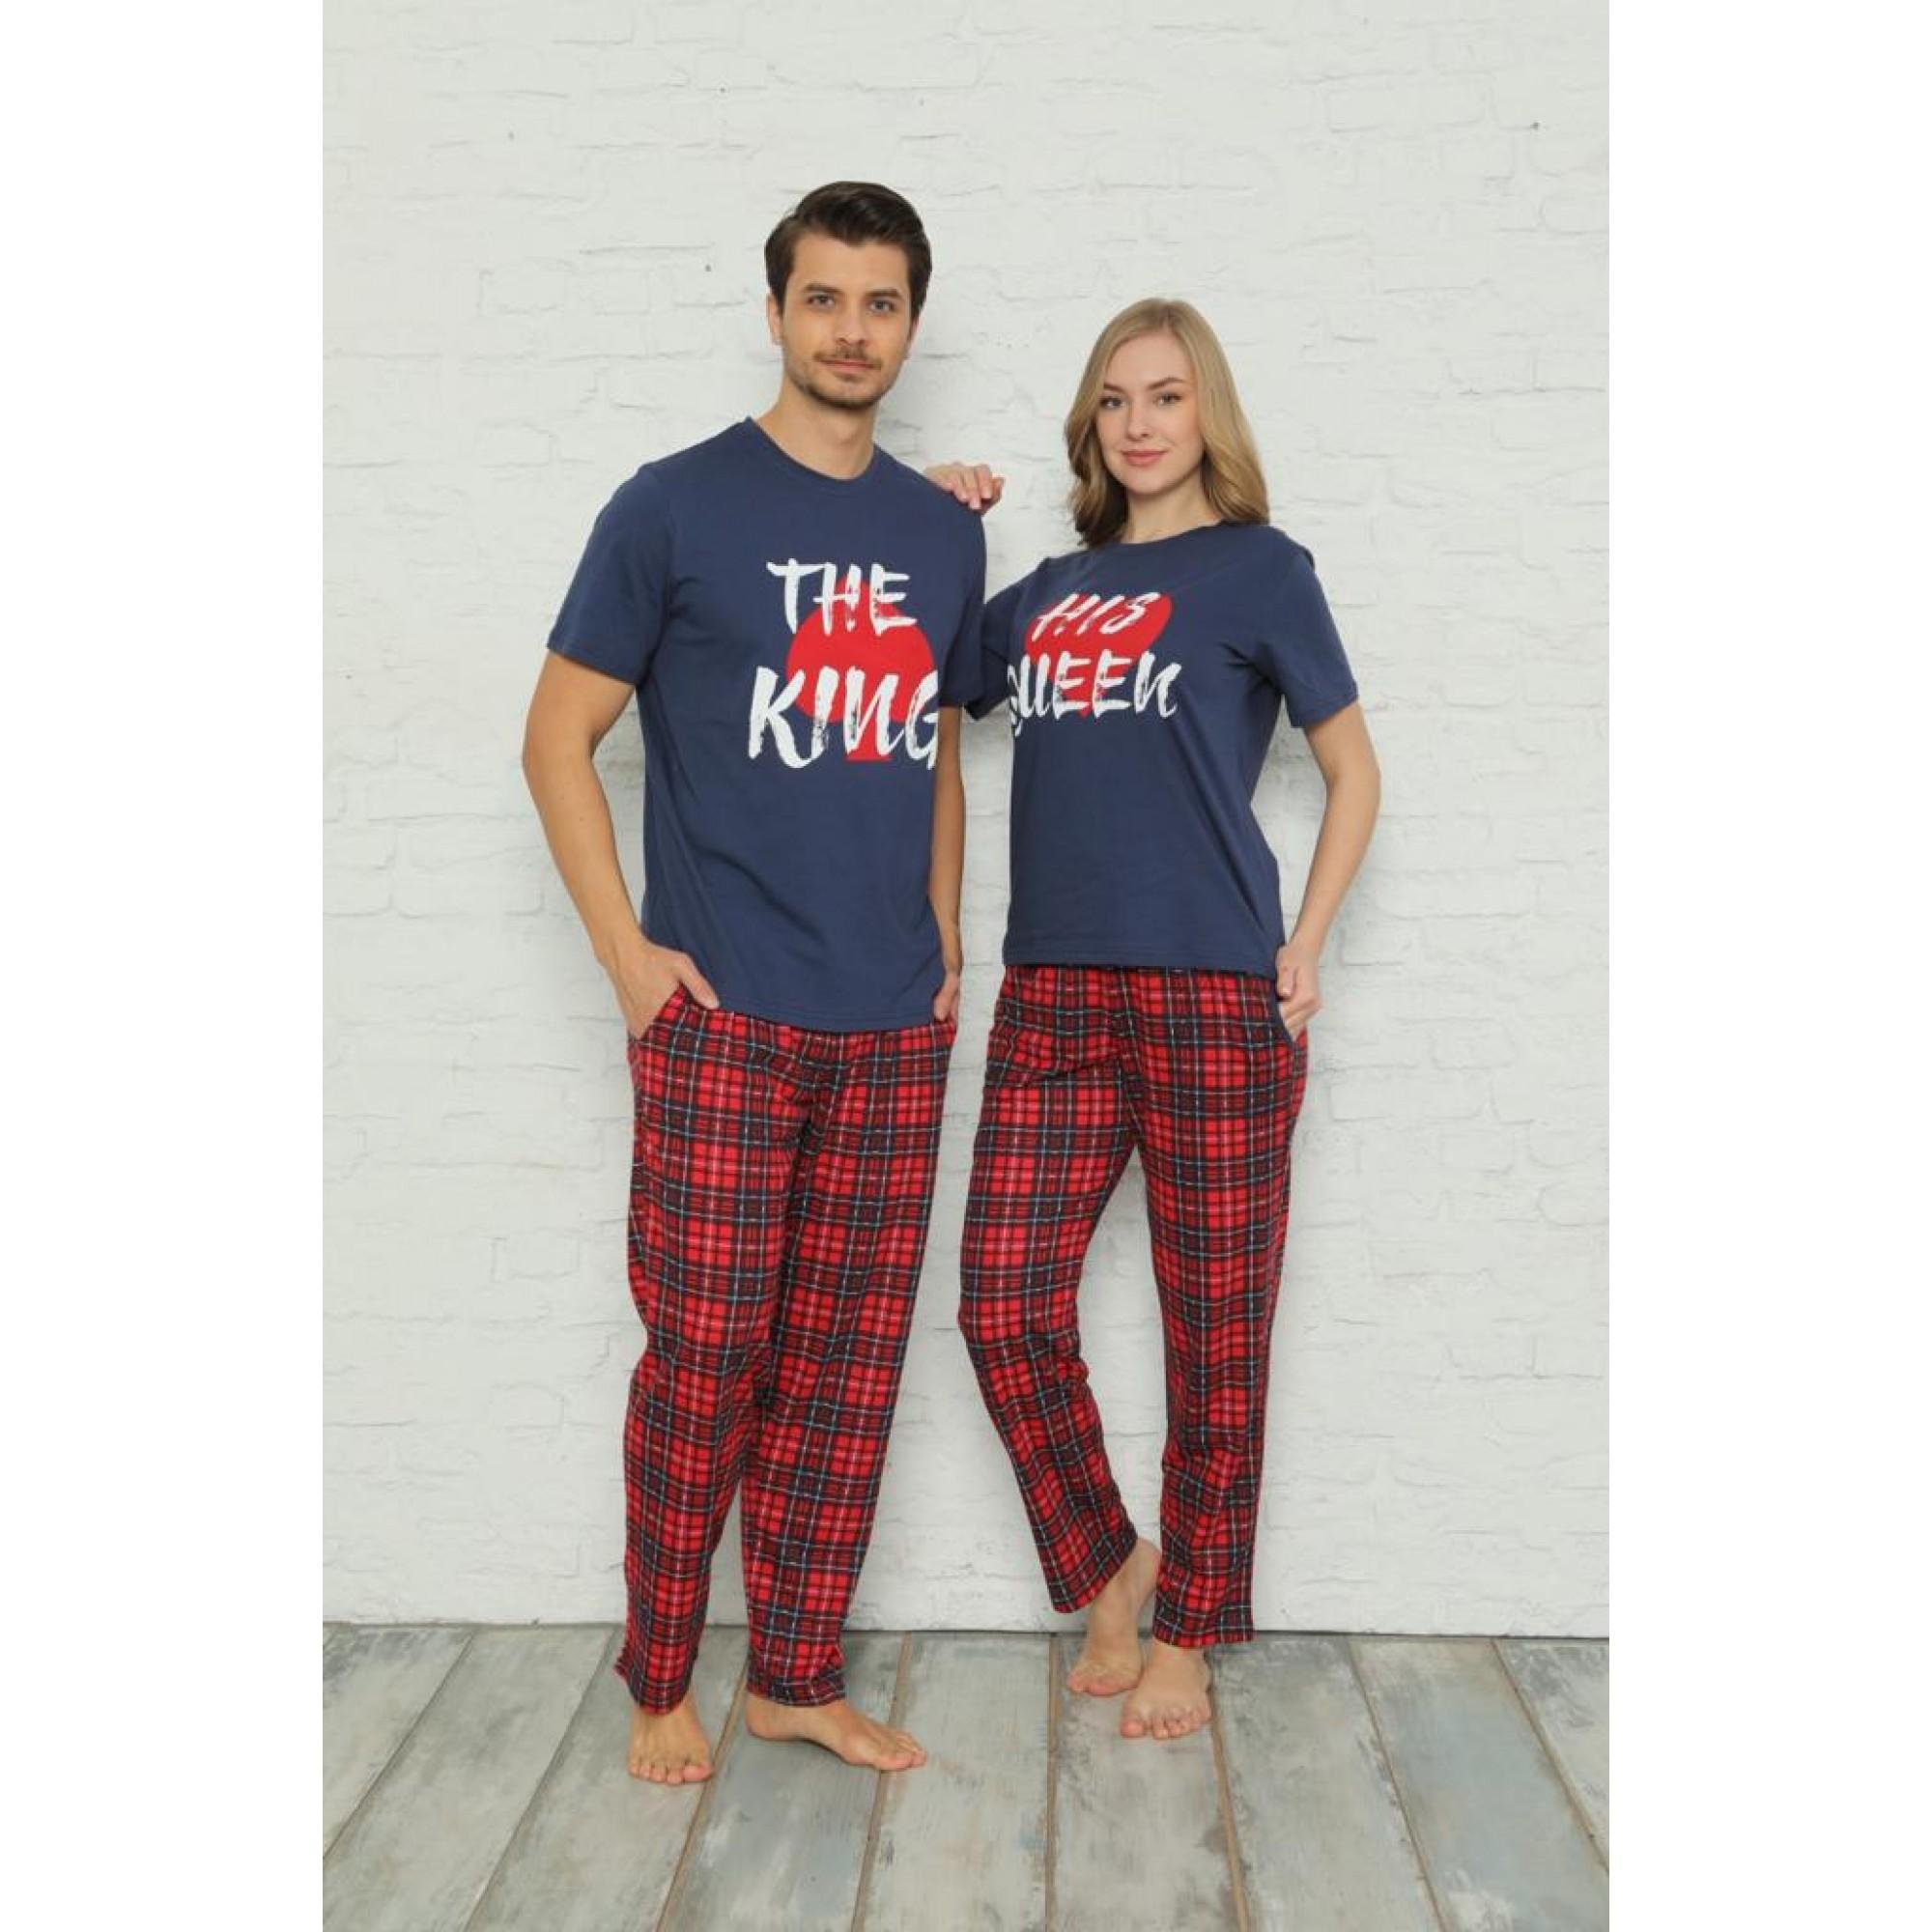 Комплект дамска и мъжка пижама King and Queen